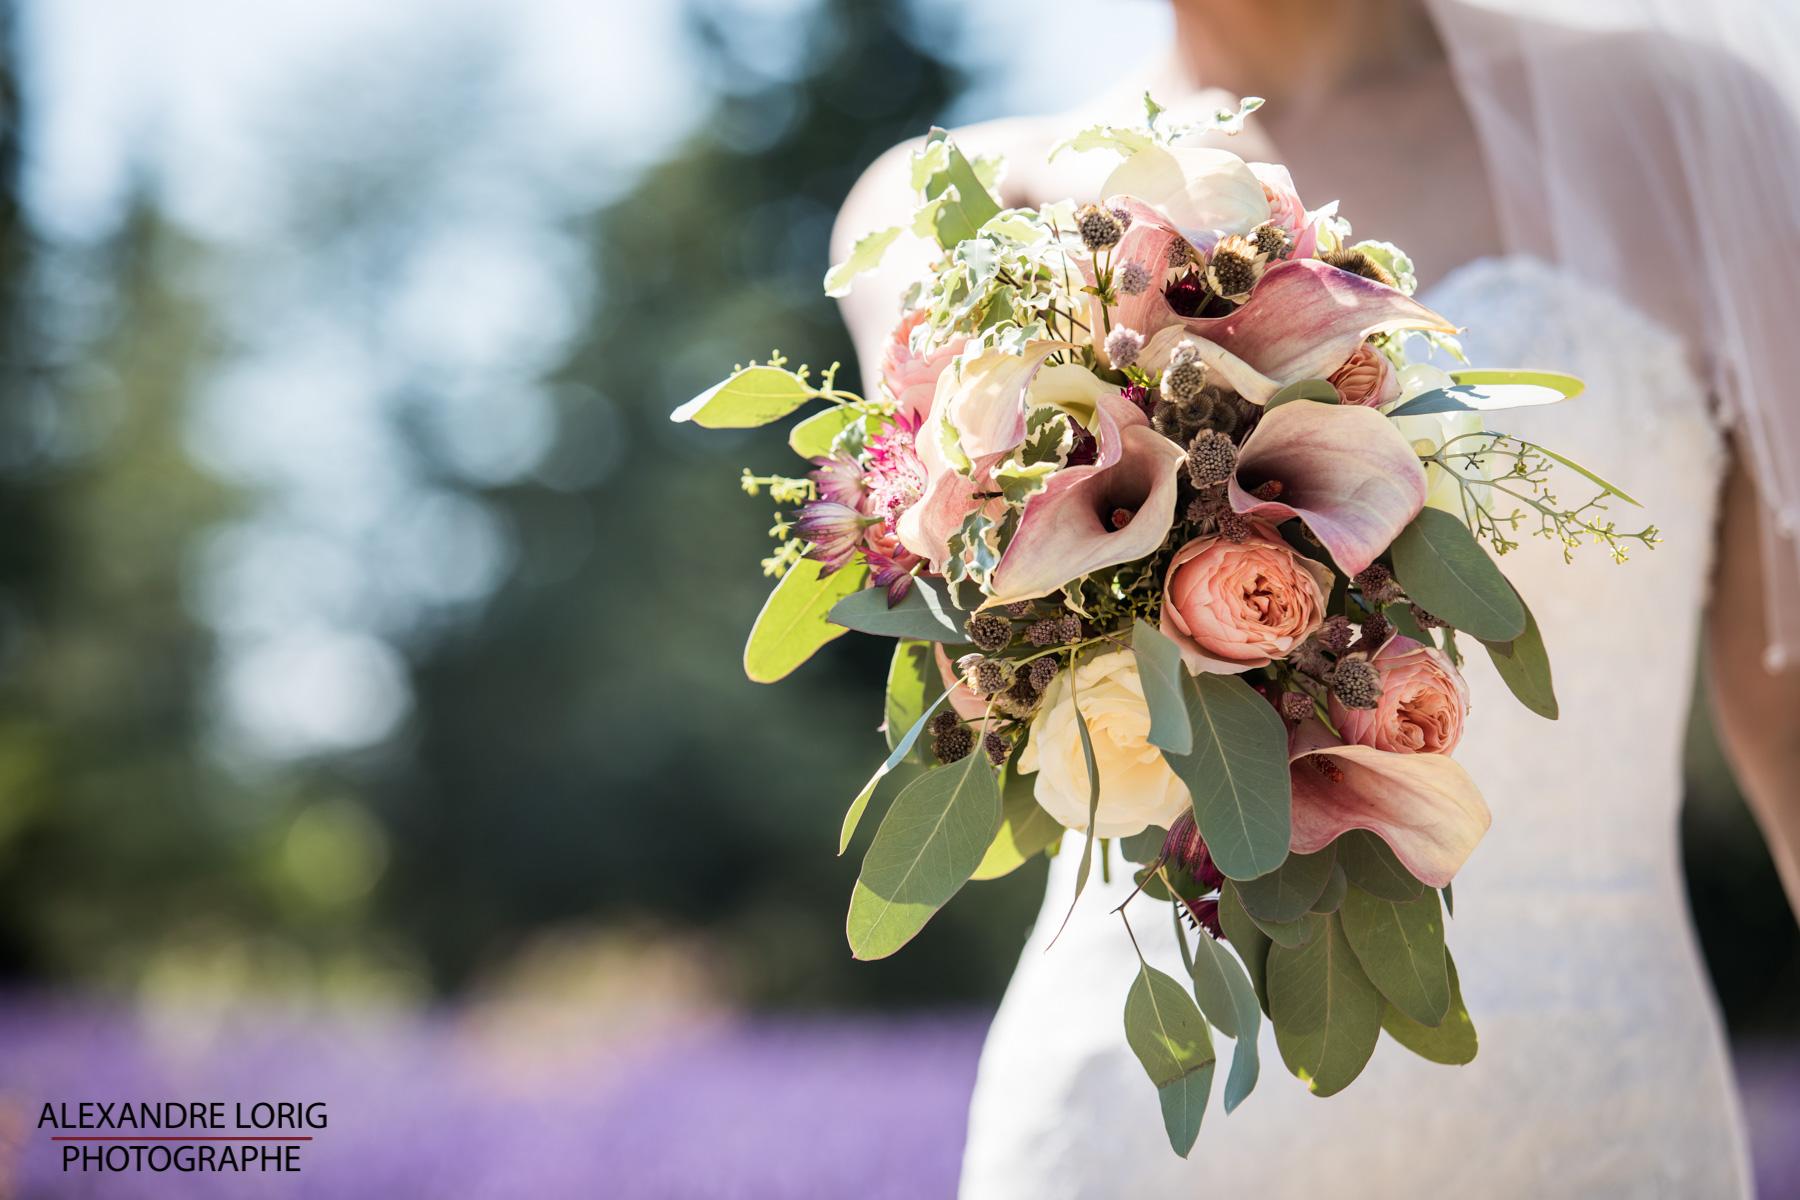 le coeur dans les etoiles - wedding planner provence - luberon - mariage provence - Alexandre Lorig - bouquet mariee